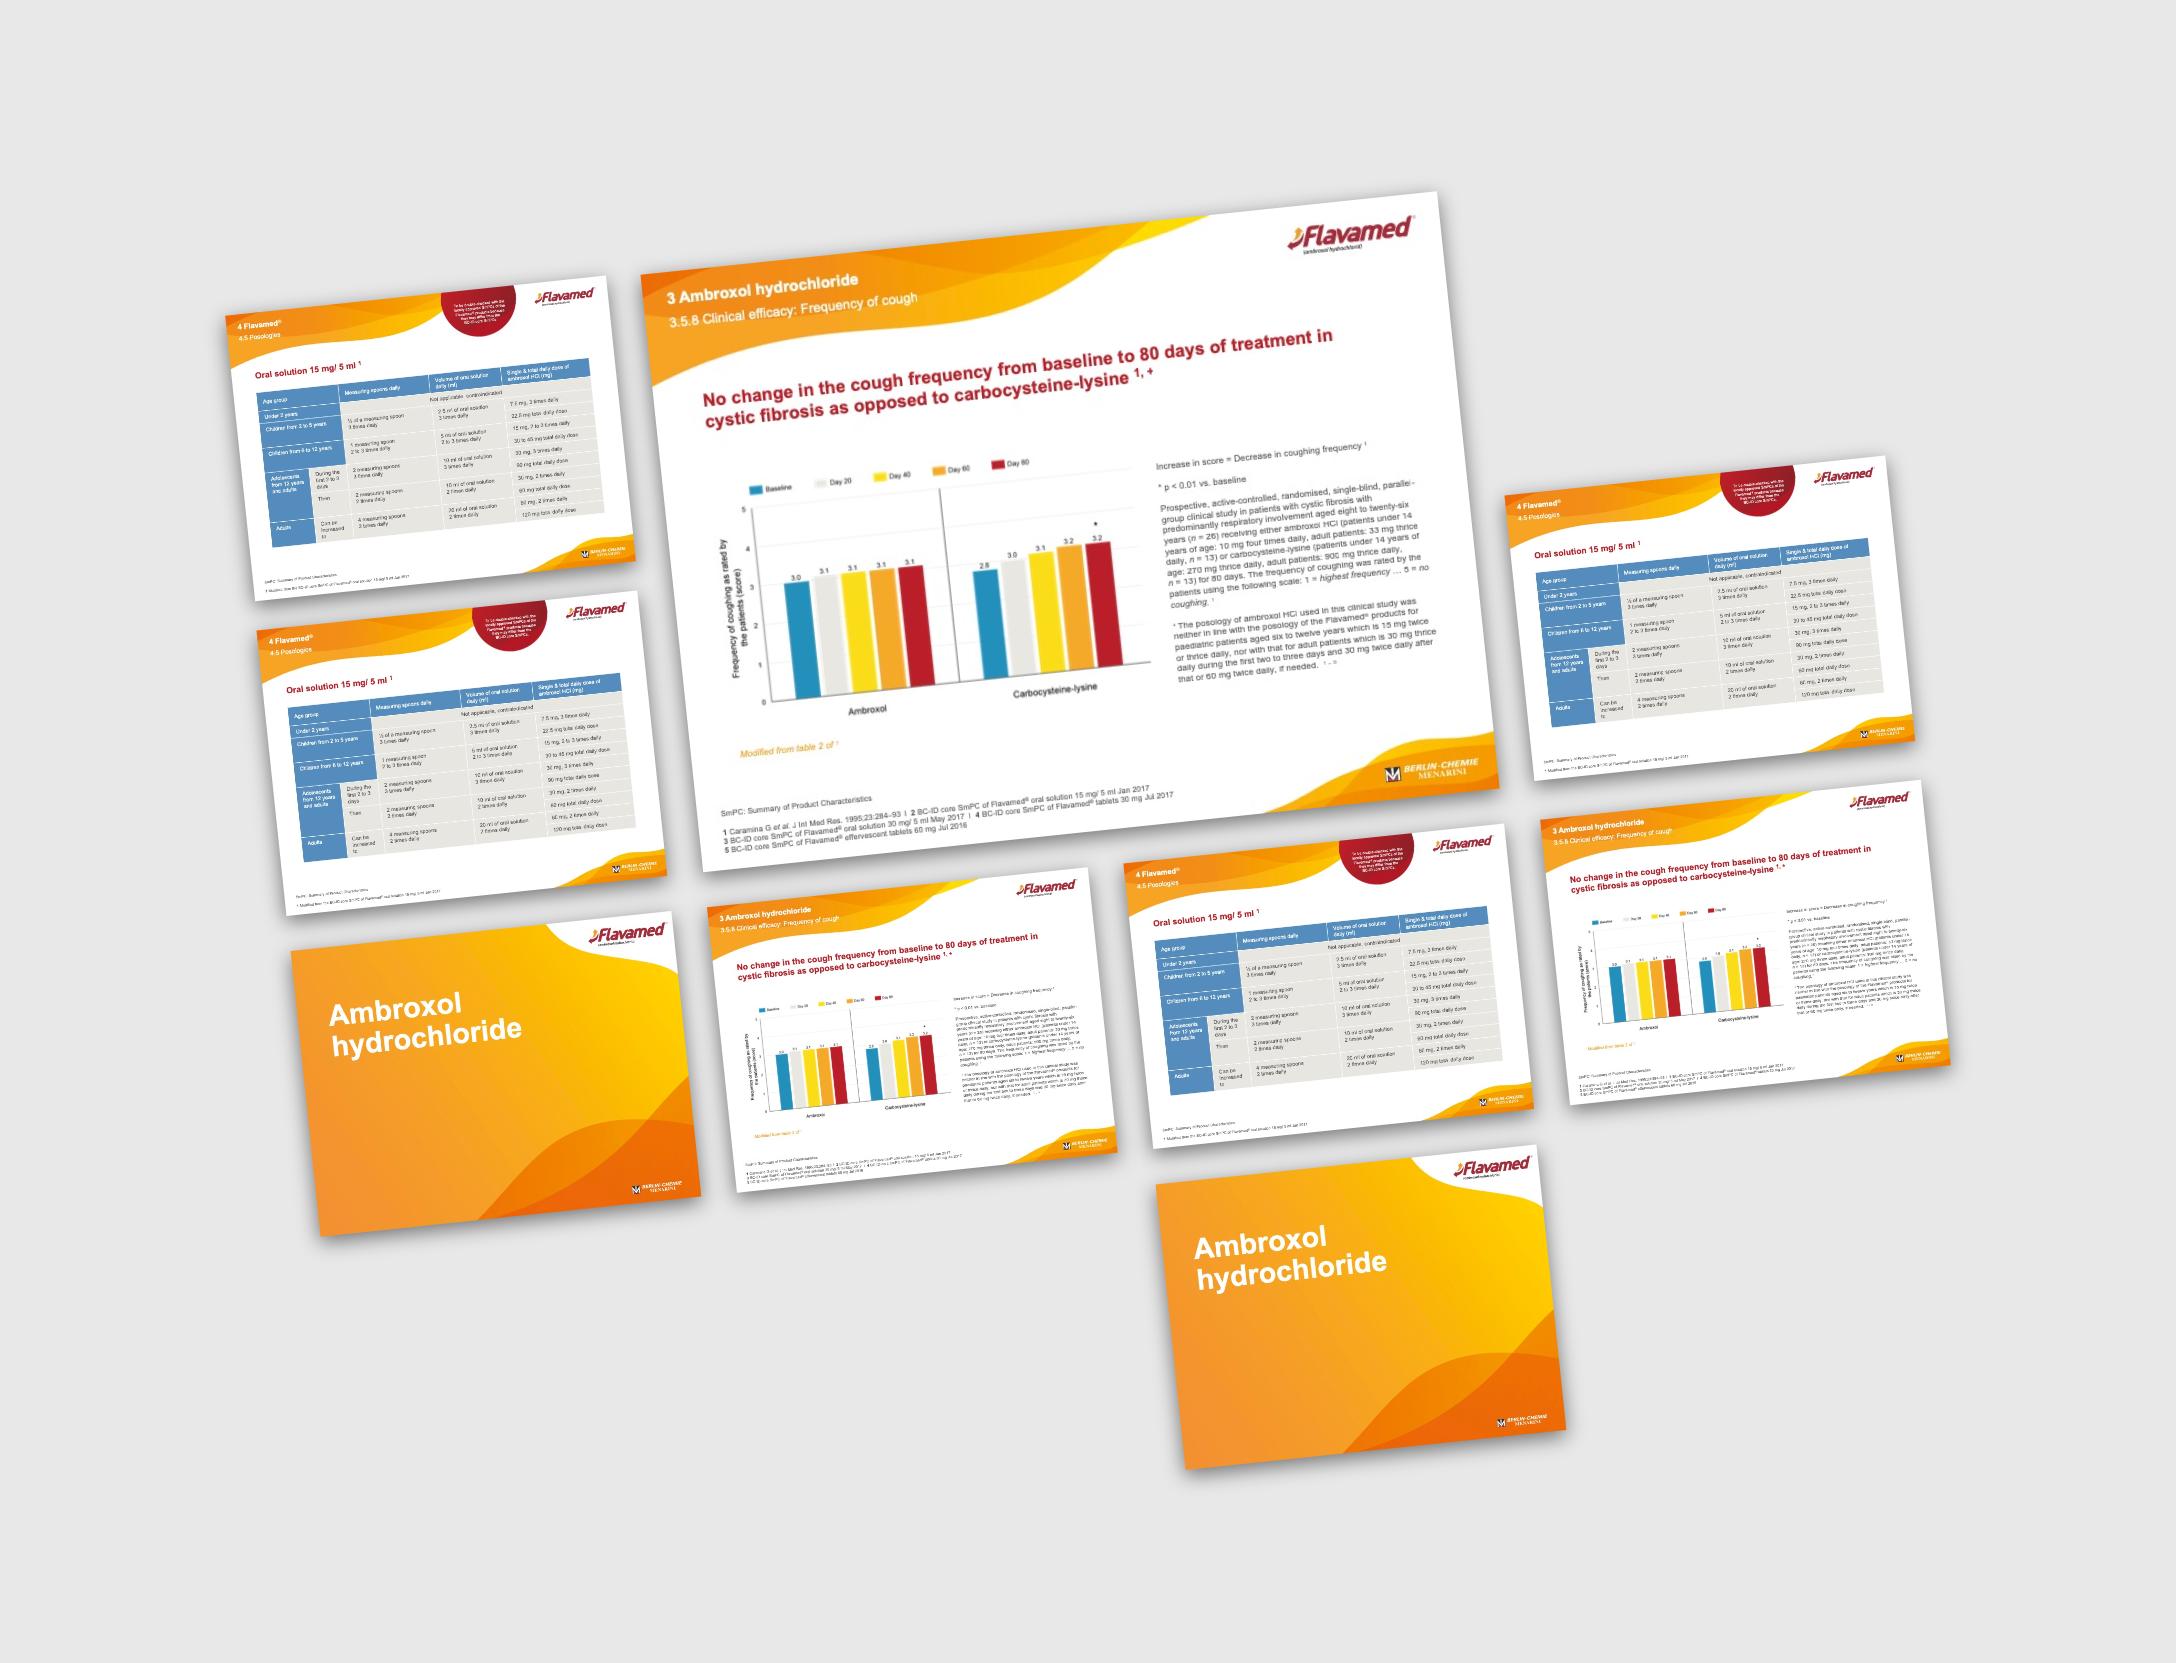 Ansichten des Slide Kits Flavamed von der Healthcare Werbeagentur mcs